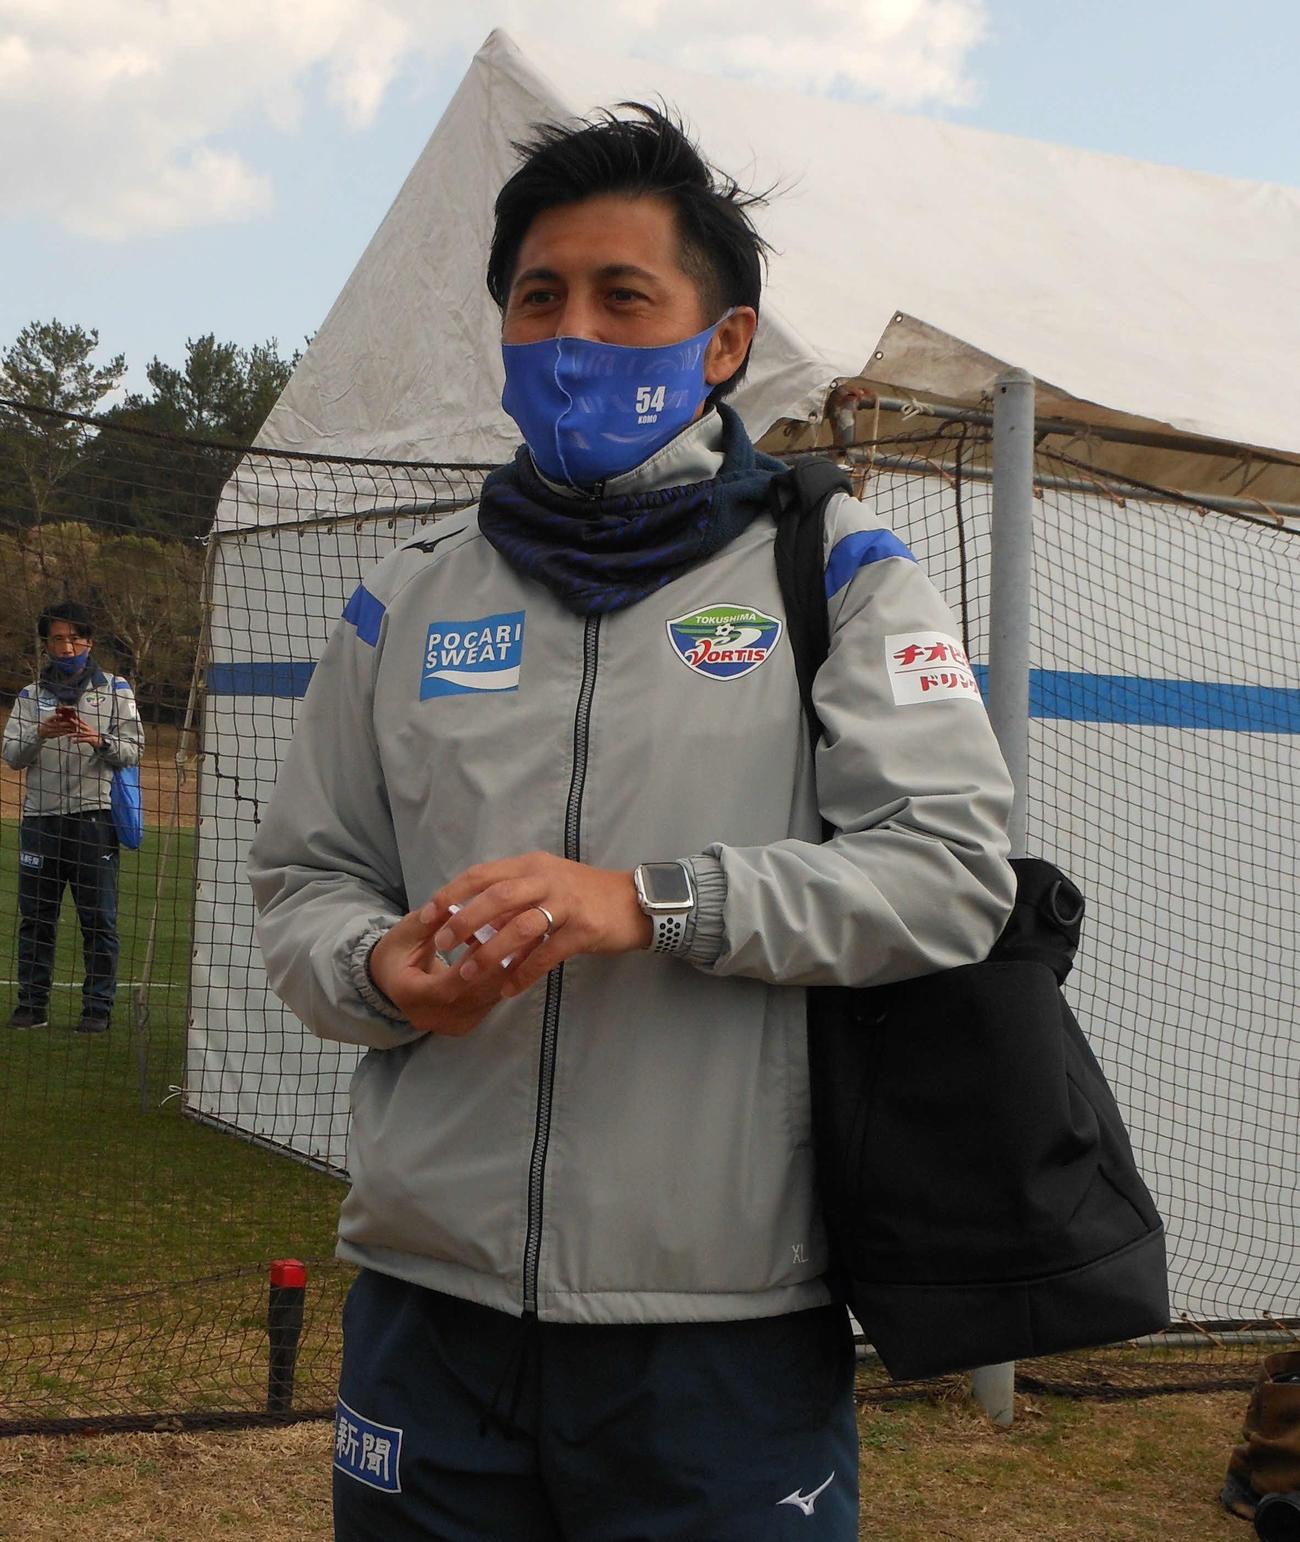 徳島甲本偉嗣ヘッドコーチ(2021年2月4日撮影)